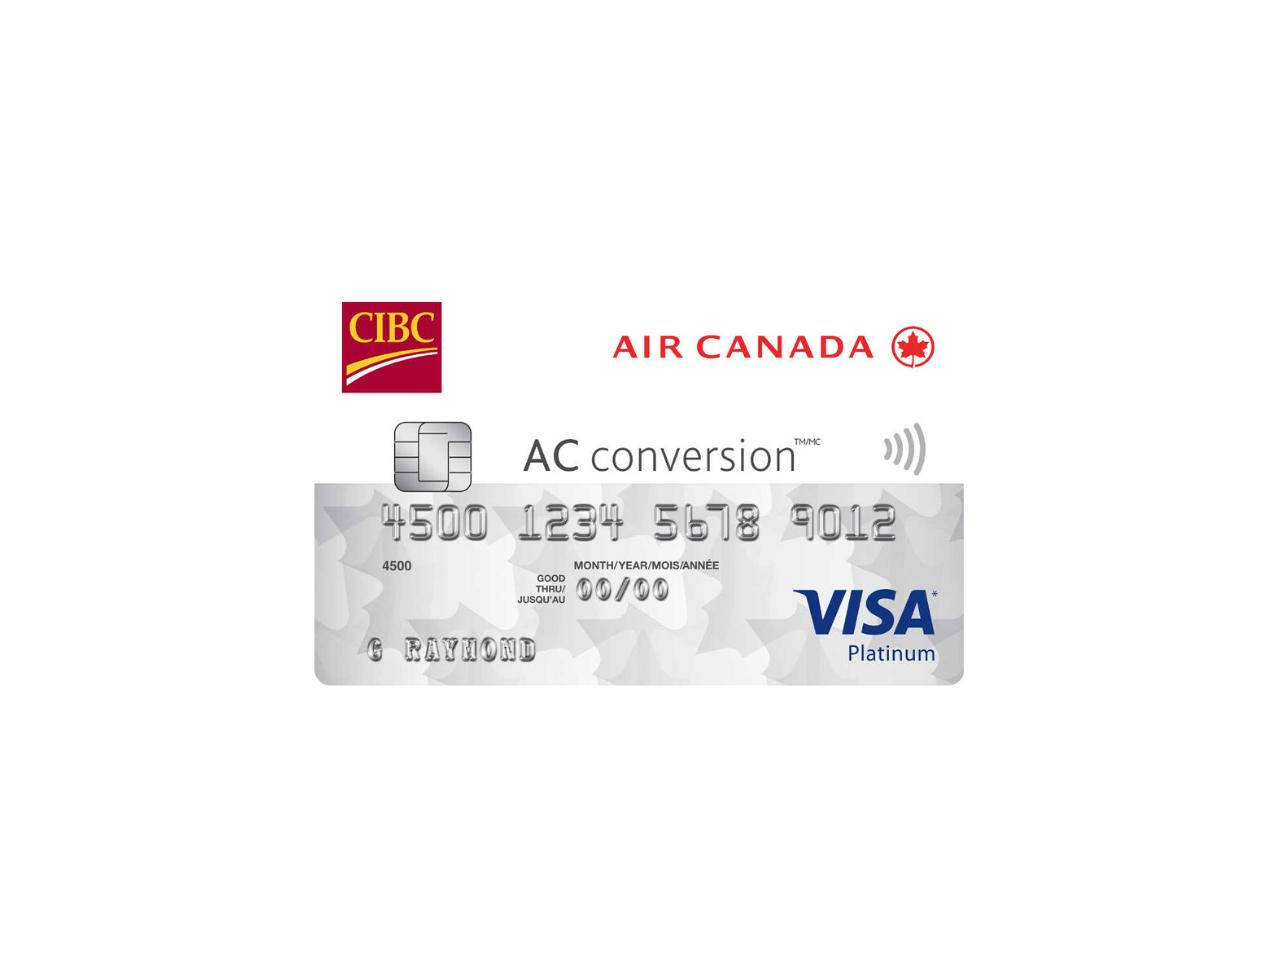 CIBC Air Canada AC Conversion Visa Prepaid Card Review